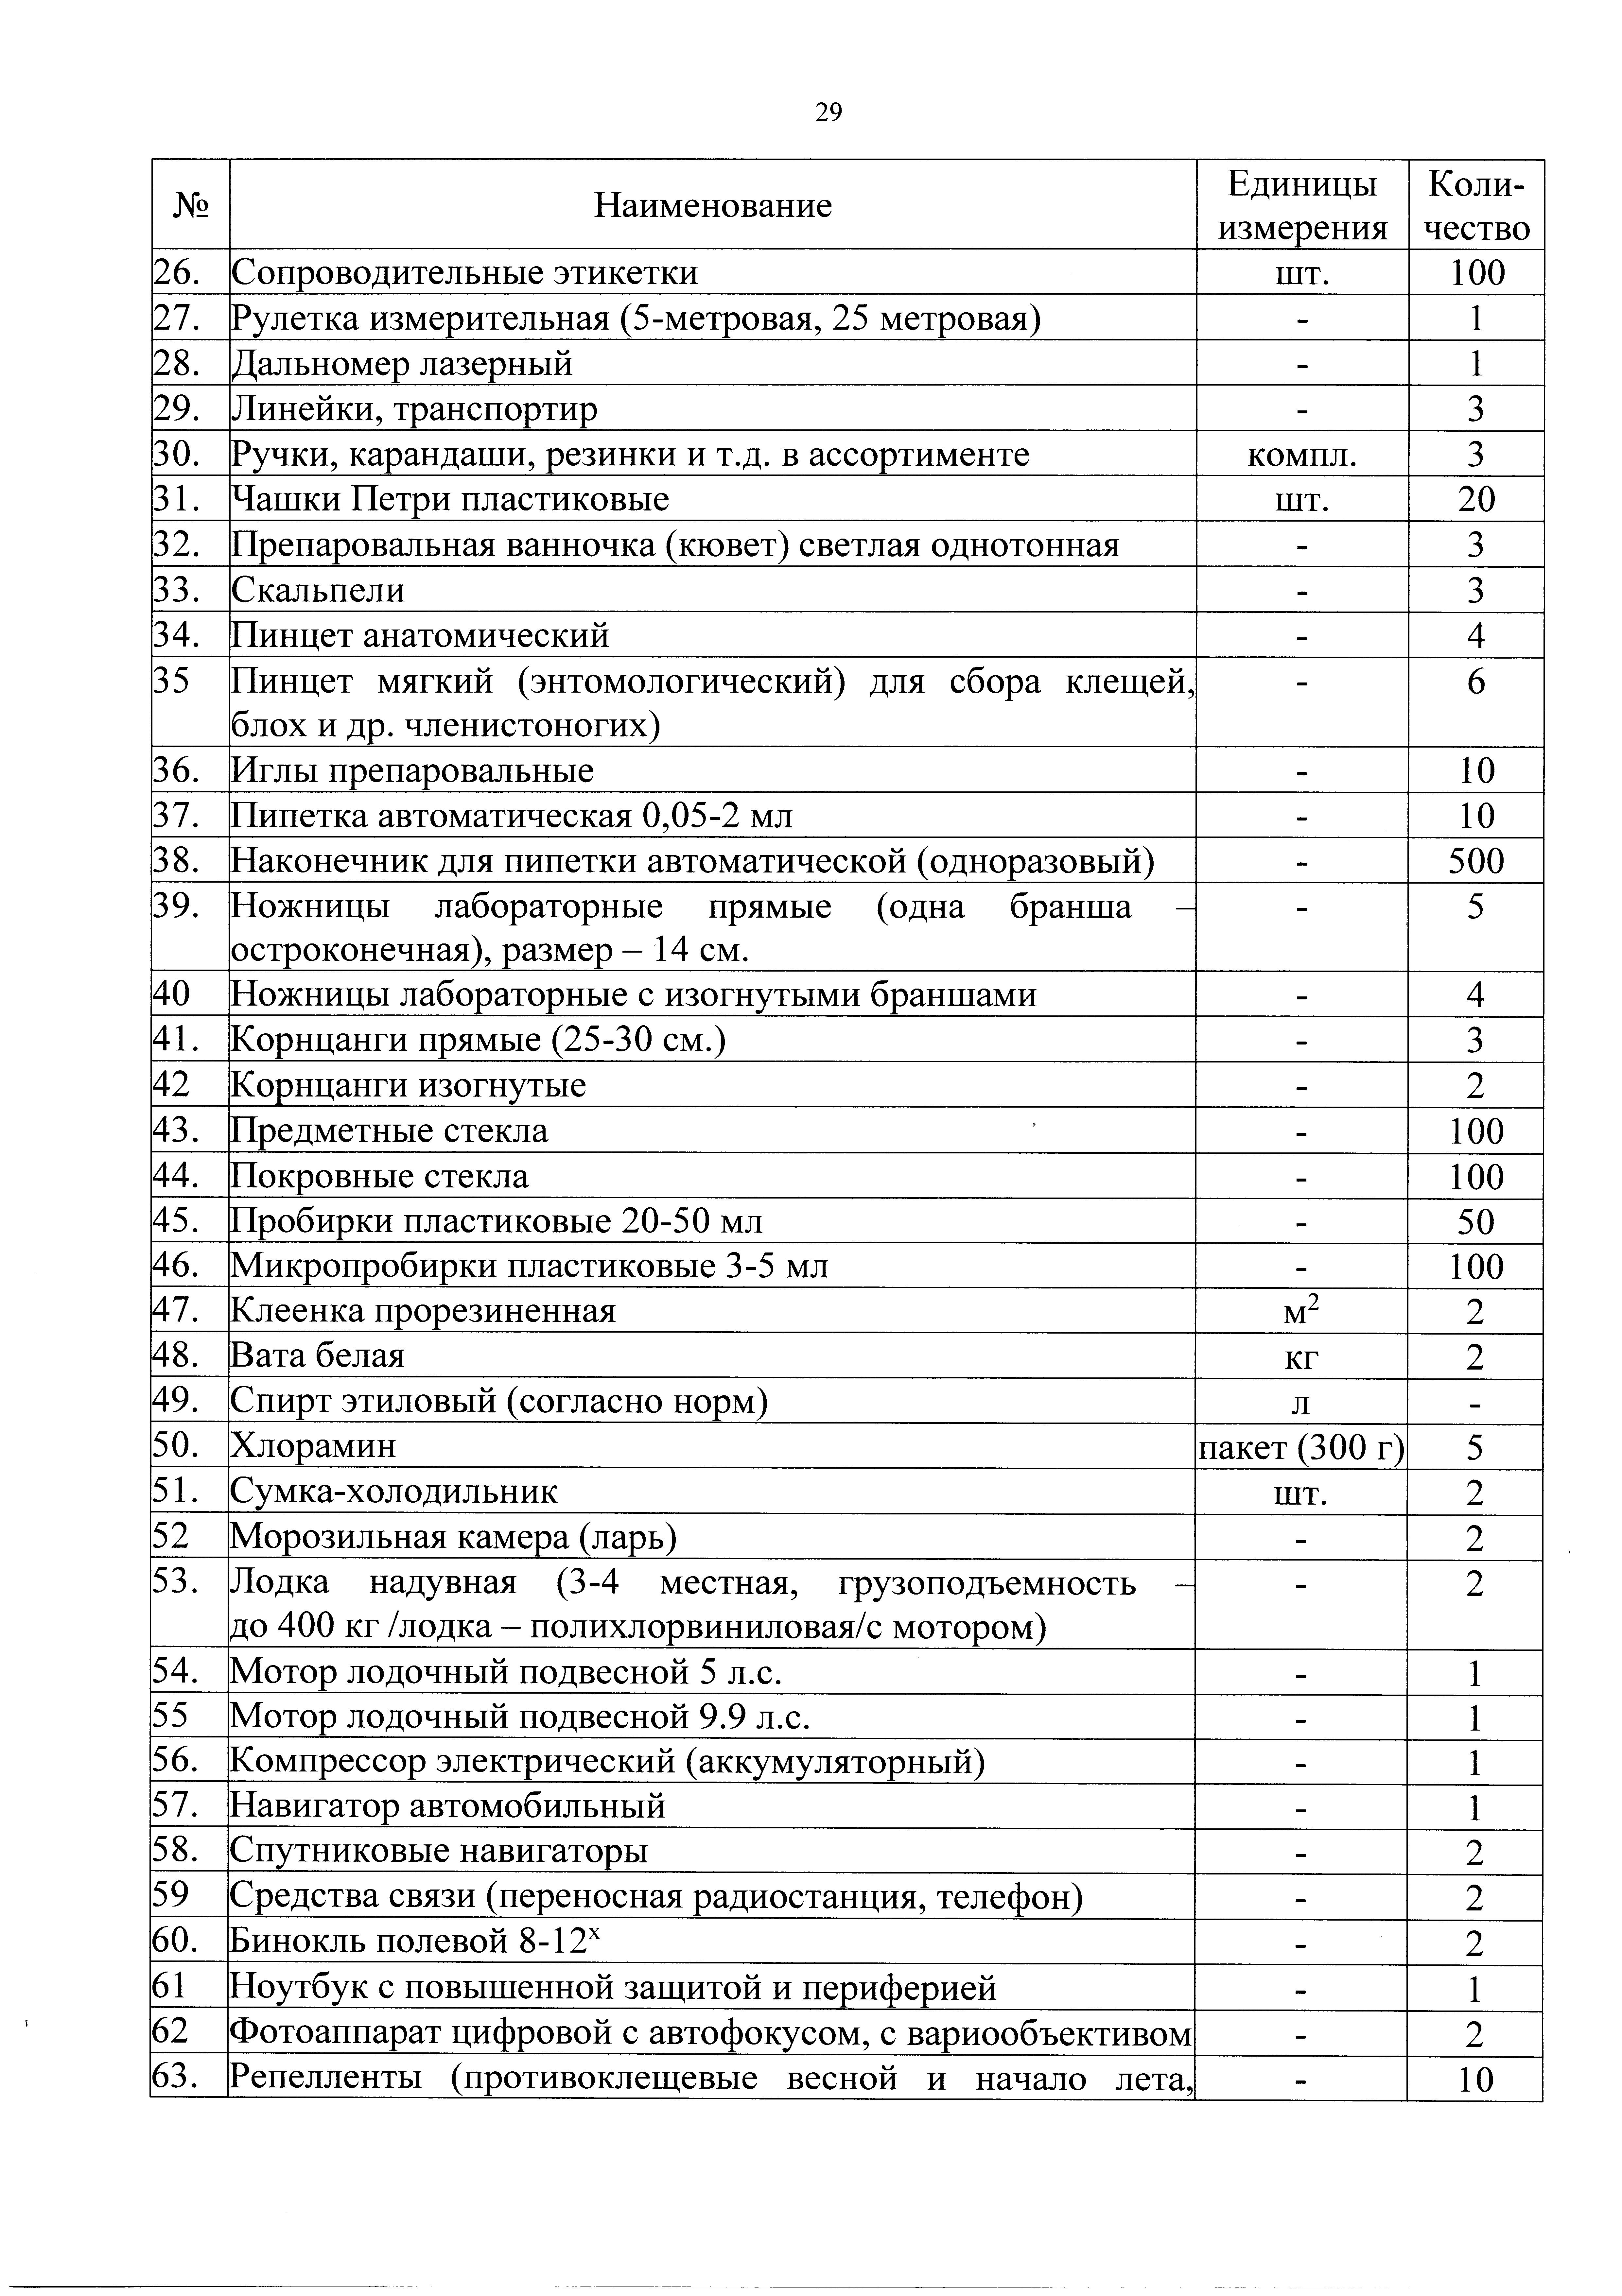 mr-3.1.0211_20-otlov_-uchet-i-prognoz-chislennosti-melkikh-zhivotnykh-i-ptits (1)_Страница_29.png (257 KB)